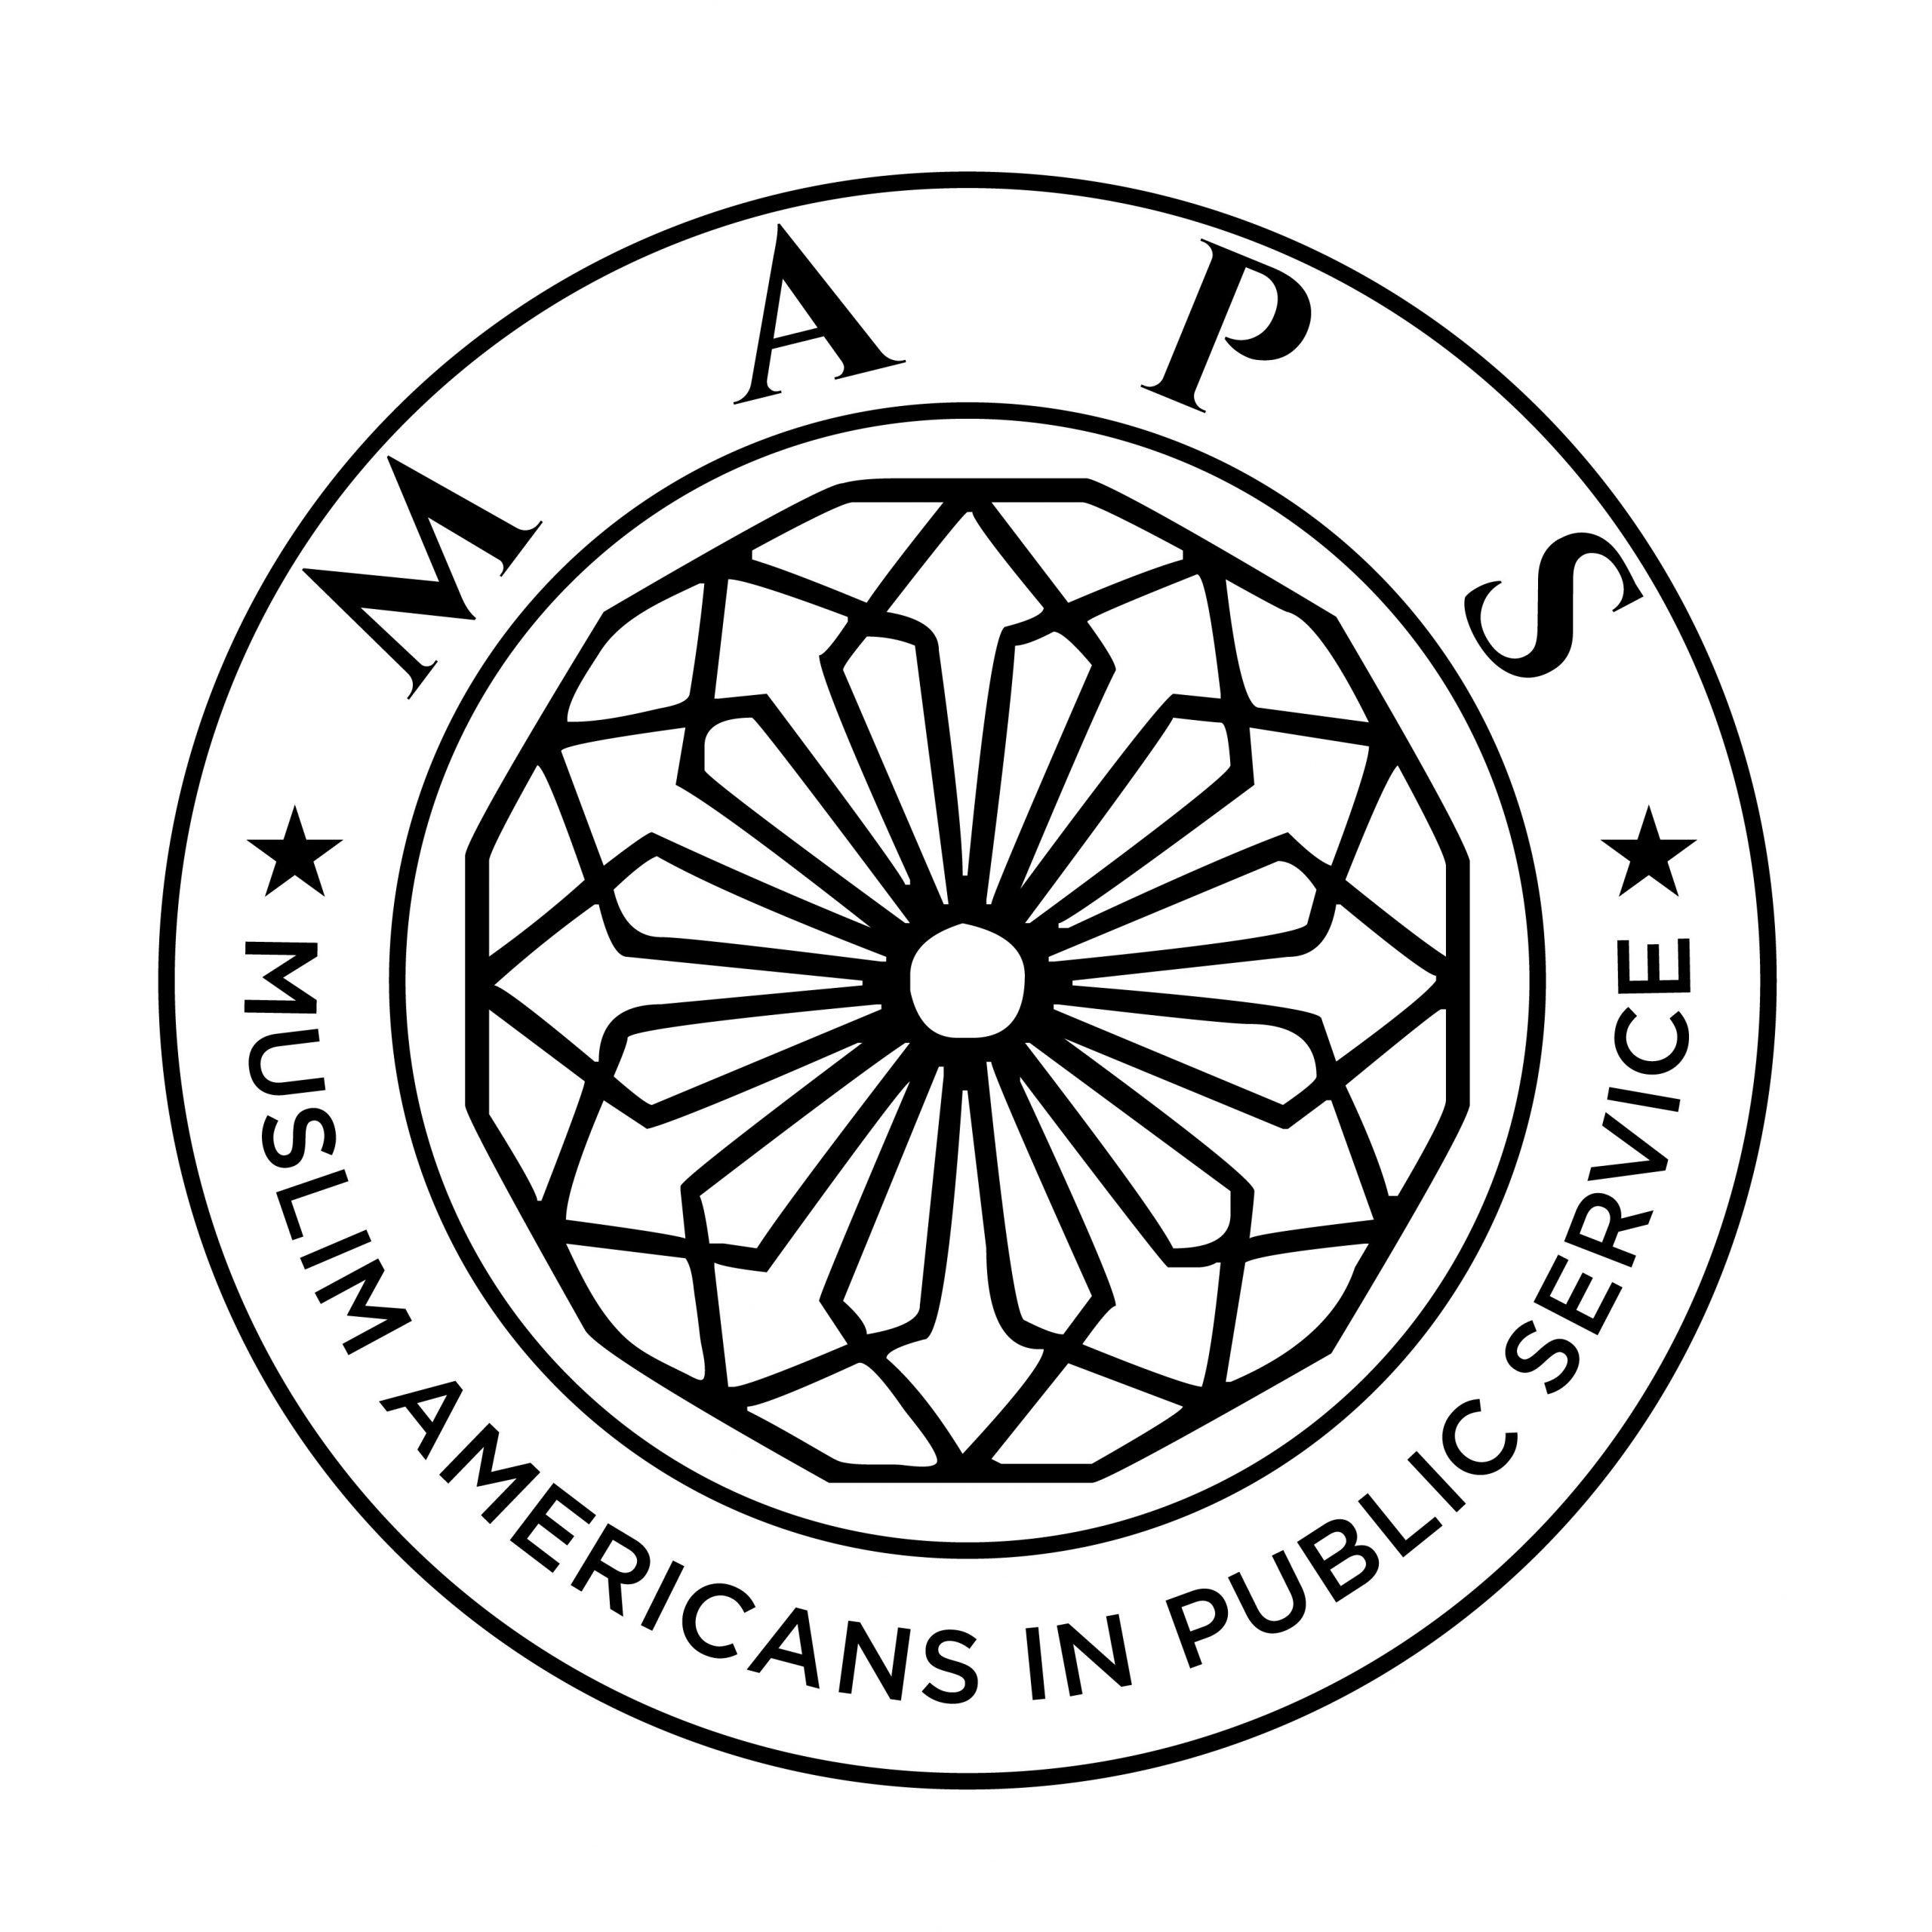 Muslim Americans in Public Service (MAPS)